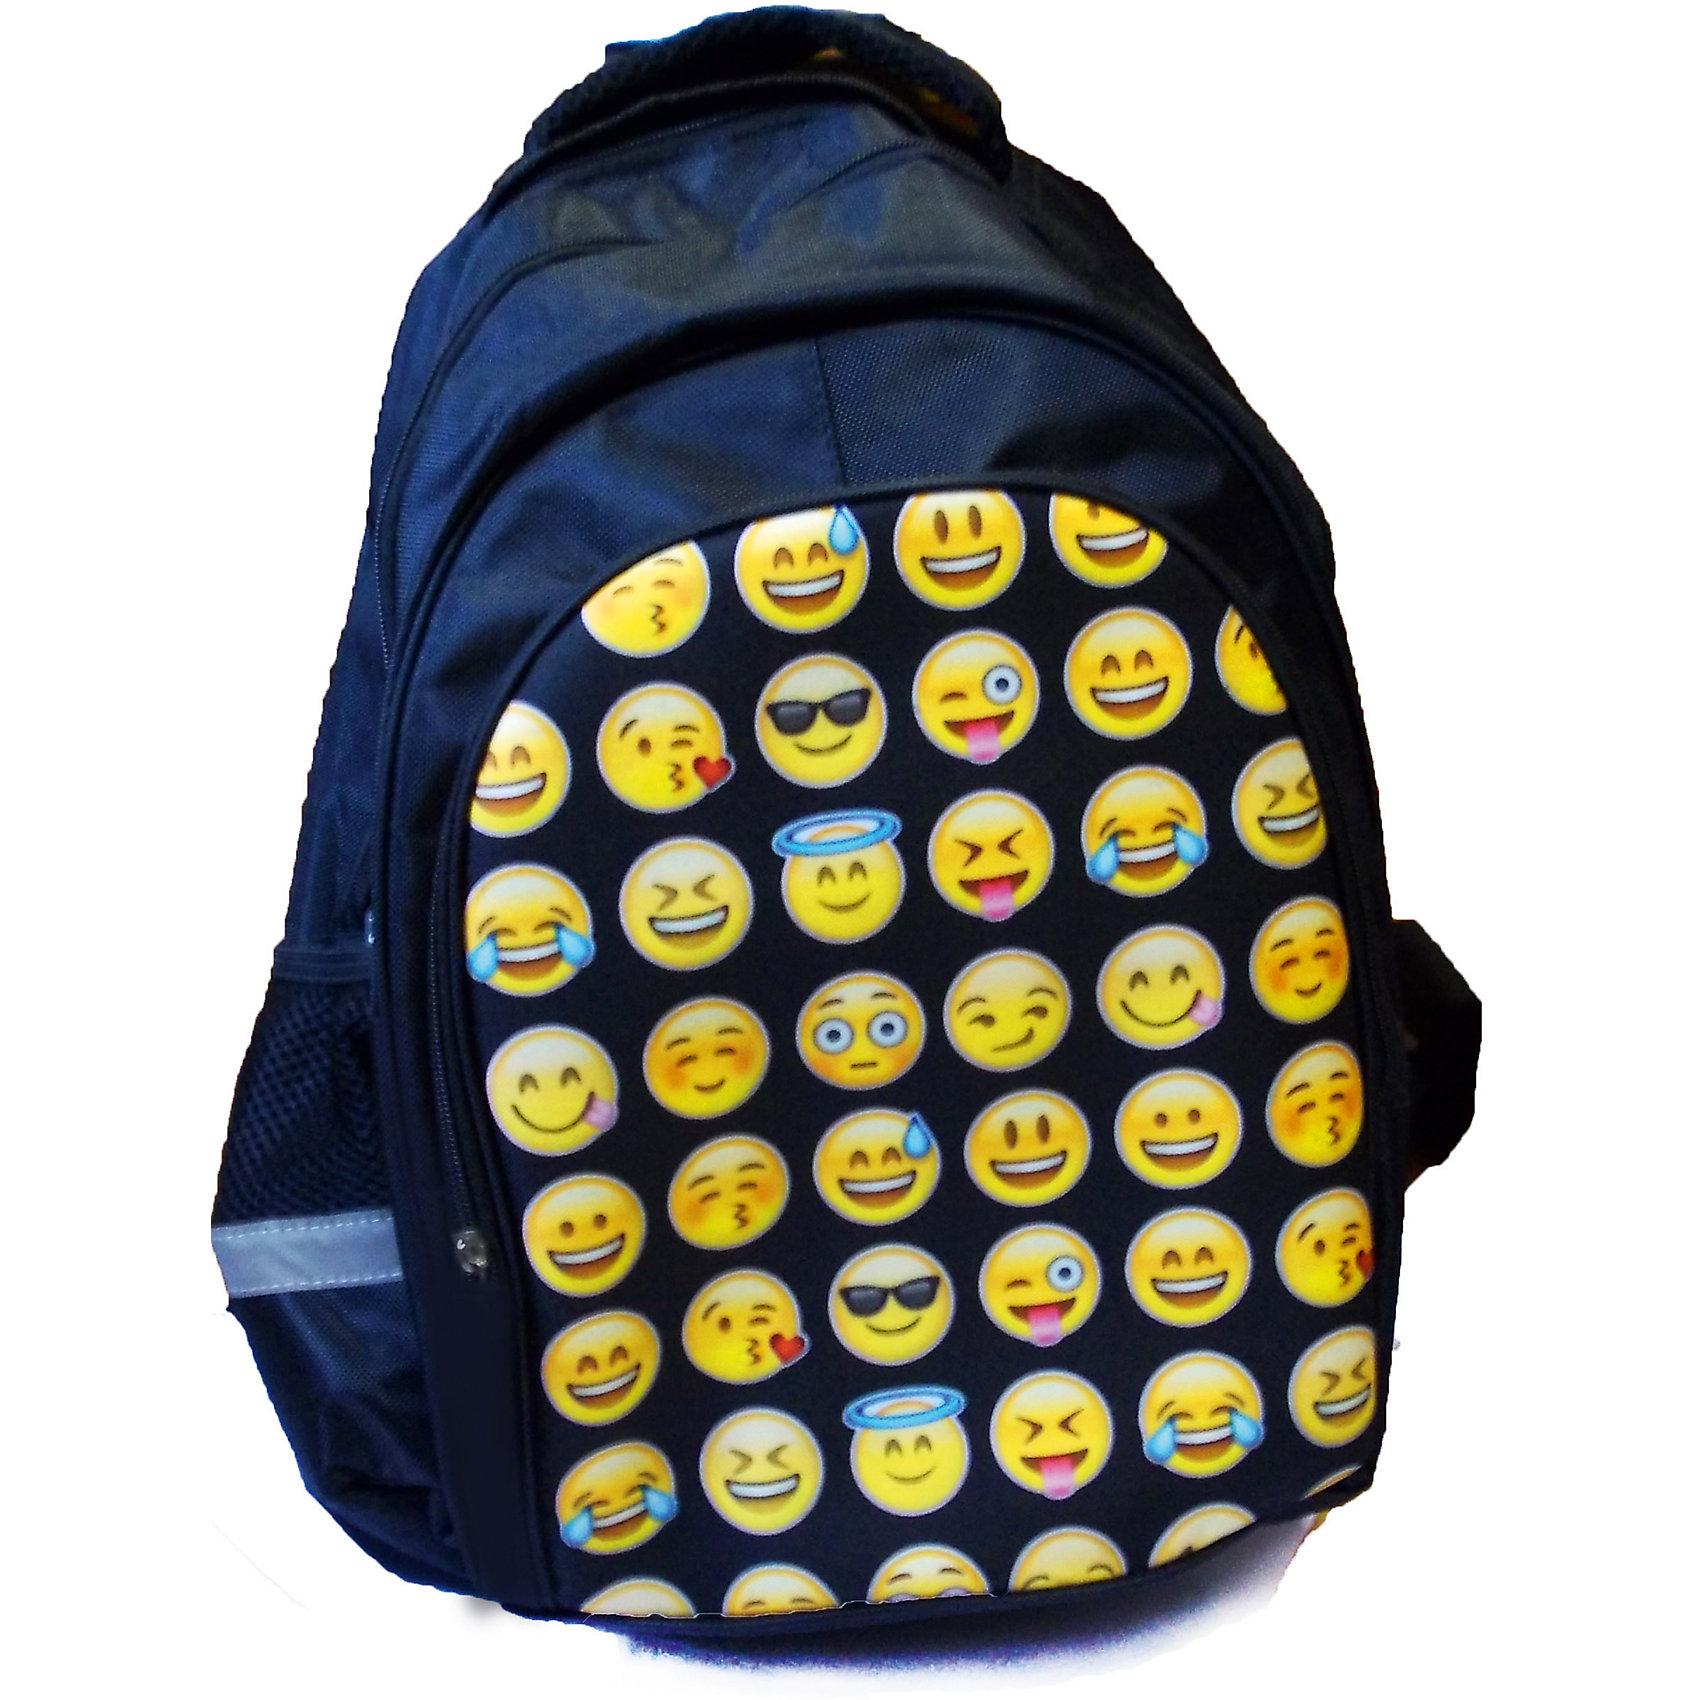 Школьный рюкзак СмайлыЯркий и модный рюкзак Смайлы  - отличный выбор для Вашего школьника. Изделие выполнено из плотного износостойкого материала и обладает следующими особенностями:<br>- 1 вместительное отделение;<br>- 1 большой внешний карман;<br>- 2 боковых кармана;<br>- удобные застежки-молнии;<br>- широкие лямки, регулируемые по длине;<br>- удобная ручка для переноса рюкзака;<br>- светоотражающие элементы для безопасности ребенка в темное время суток;<br>- прочное днище;<br>- привлекательный дизайн<br><br>Дополнительная информация:<br>- размеры: 44х29х15 см<br>- вес: 1000 гр.<br>- материал: полиэстер 600 ден<br><br>Рюкзак Смайлы  можно купить в нашем интернет-магазине<br><br>Ширина мм: 150<br>Глубина мм: 290<br>Высота мм: 440<br>Вес г: 1000<br>Возраст от месяцев: 36<br>Возраст до месяцев: 192<br>Пол: Унисекс<br>Возраст: Детский<br>SKU: 4616117